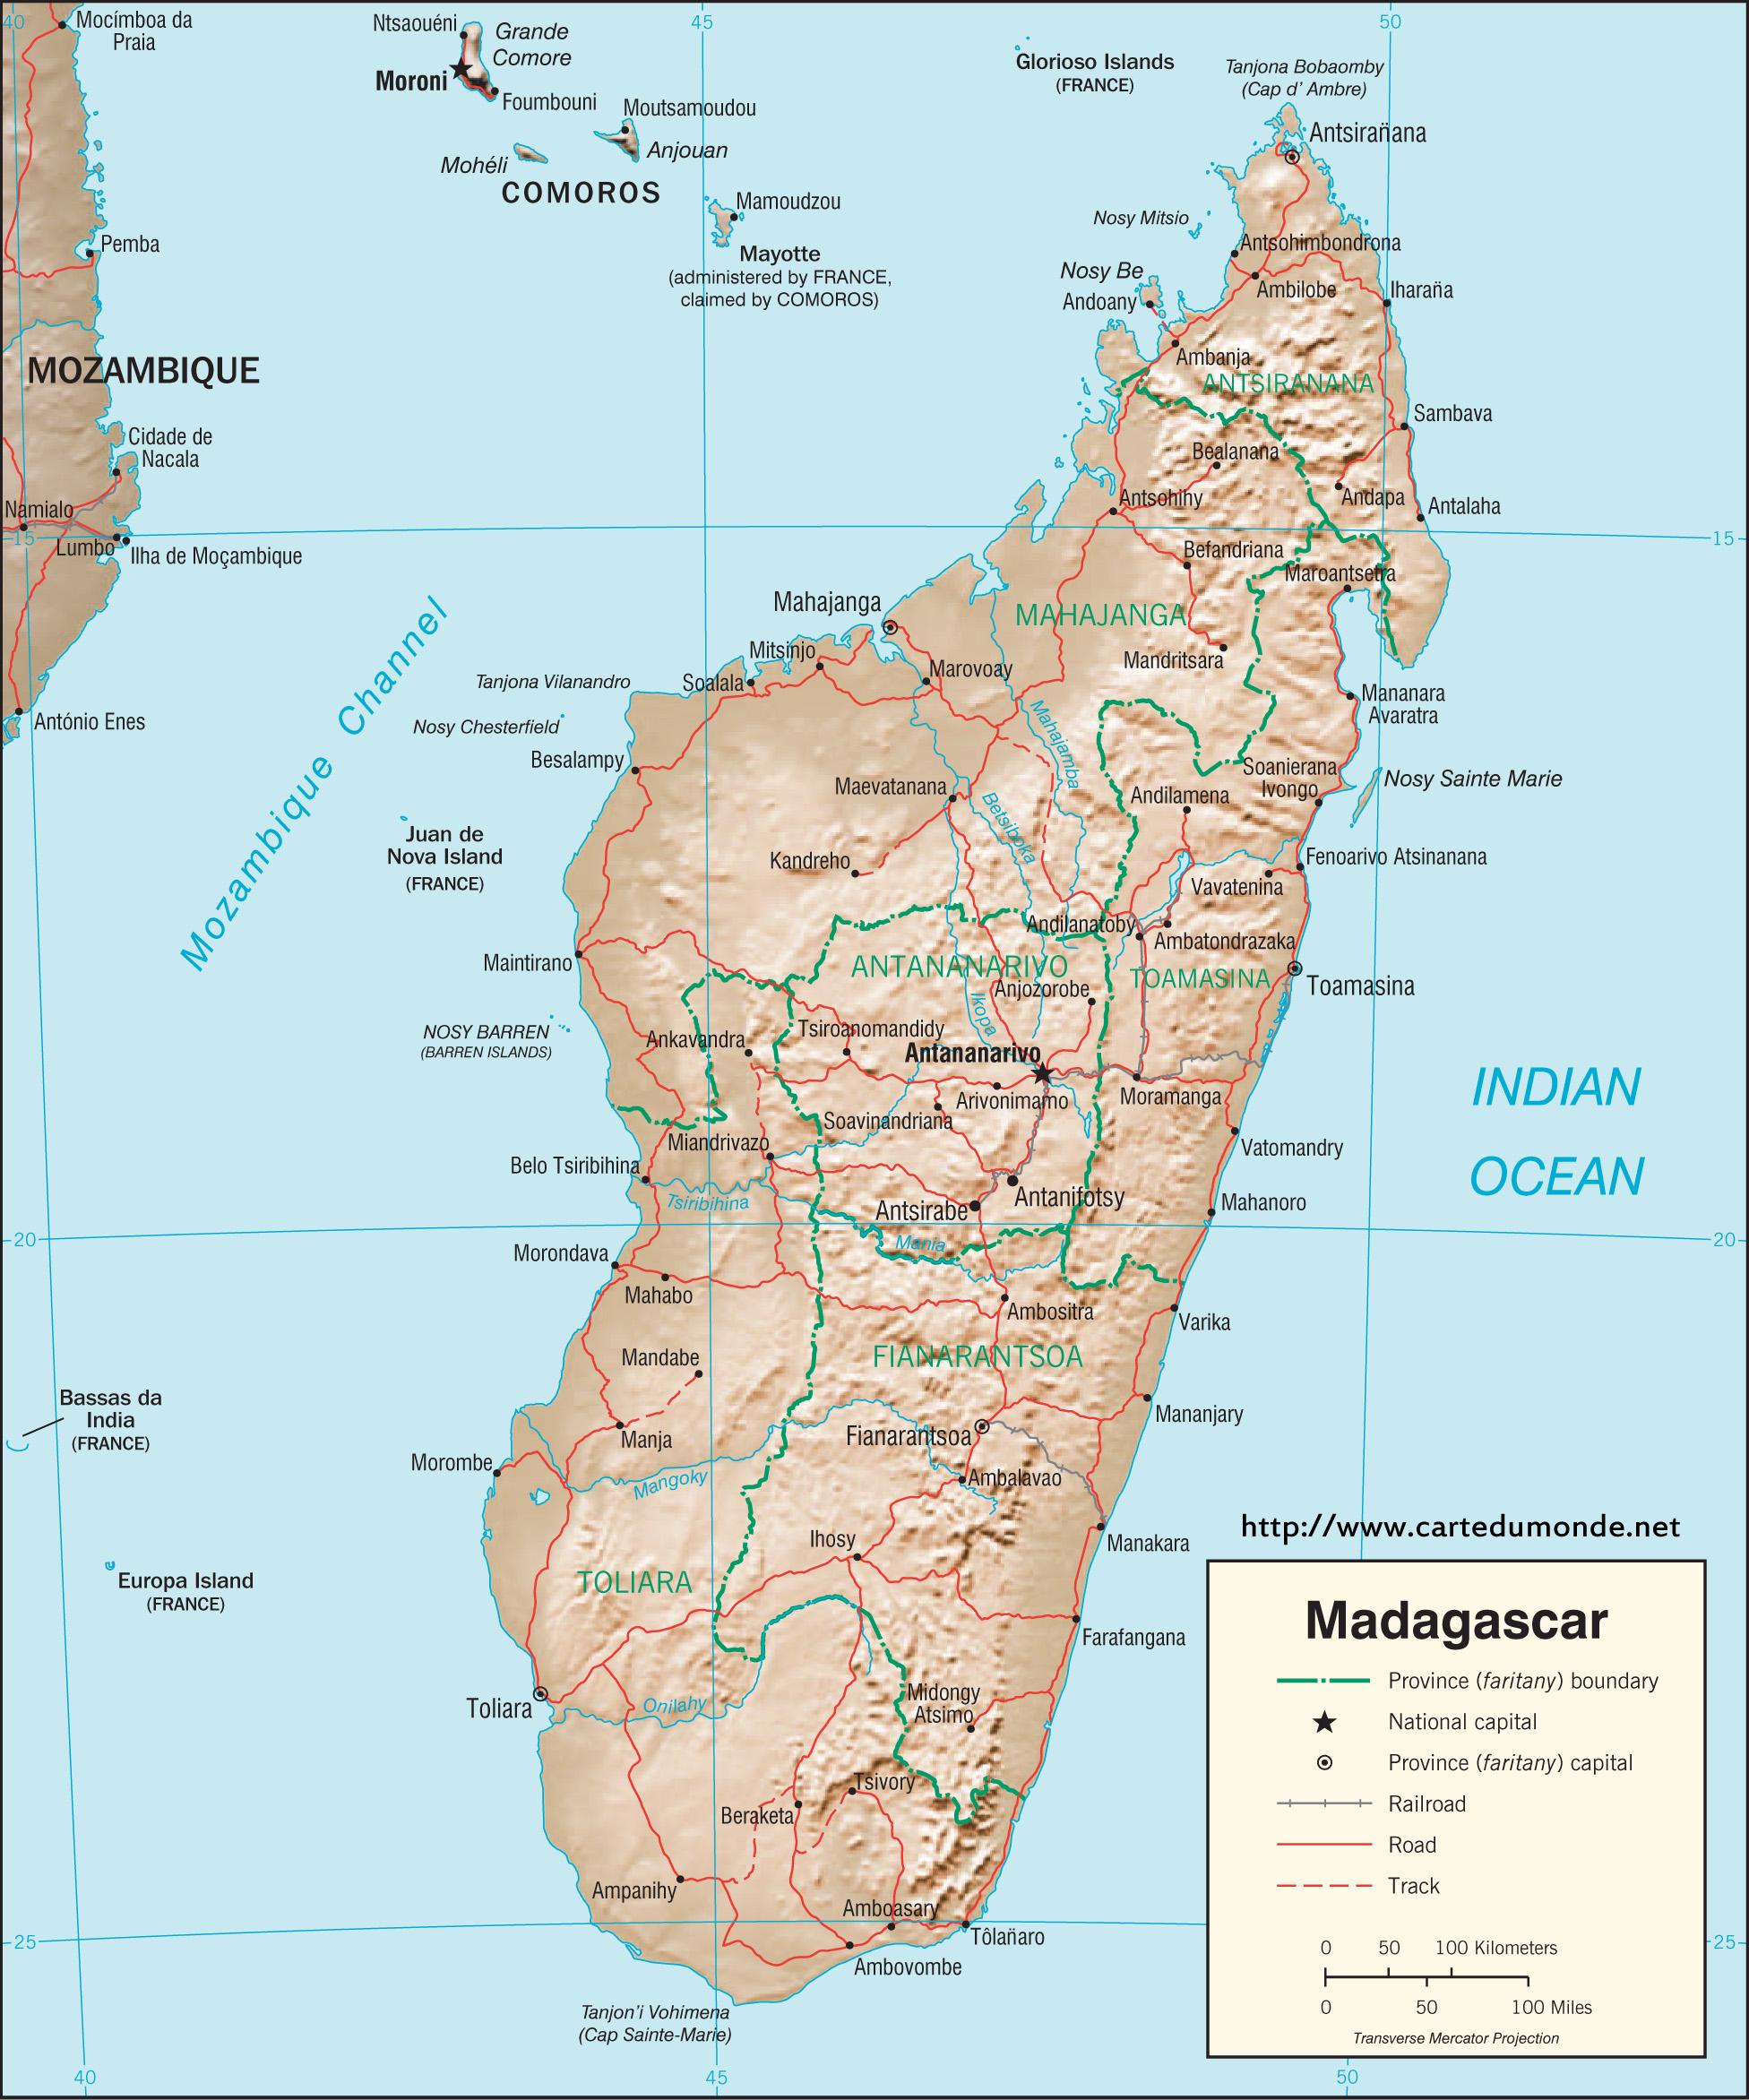 Carte Madagascar Monde.Grande Carte Madagascar Sur Carte Du Monde